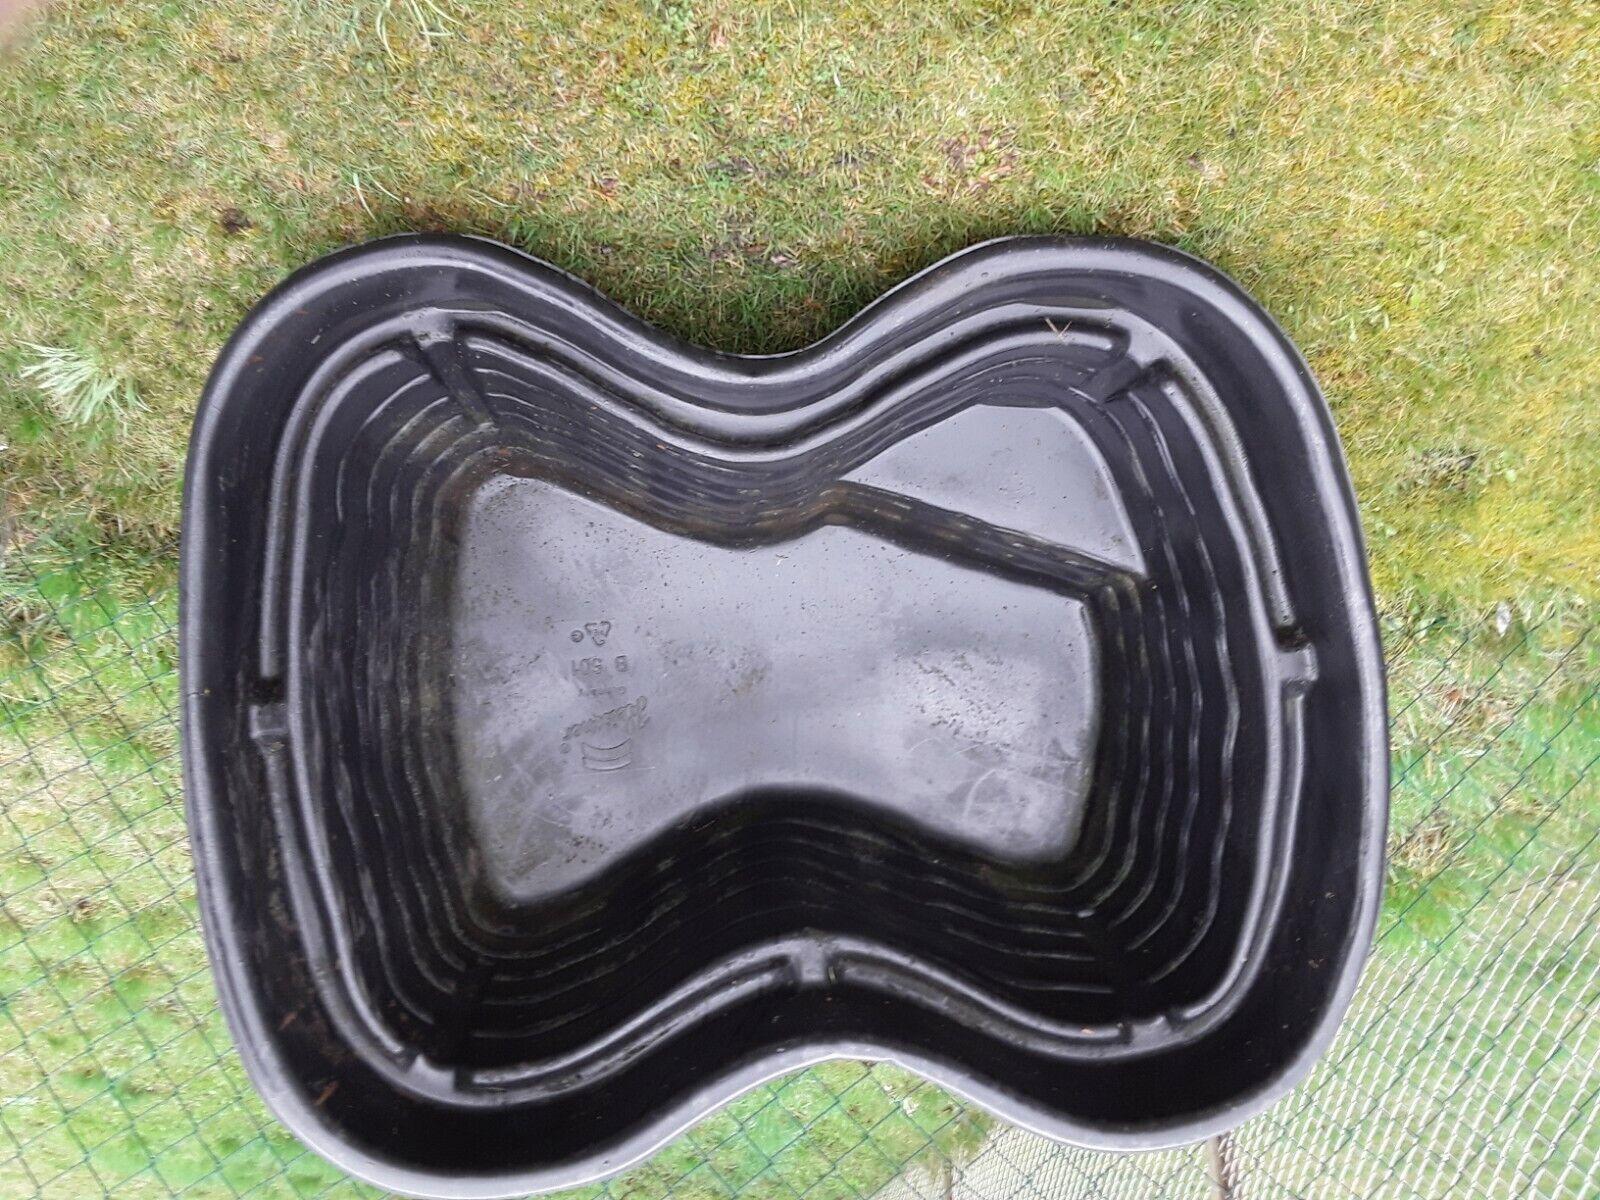 Gartenteich-Komplettset , Becken 500 l , Druckfilter , Anschlussleitungen